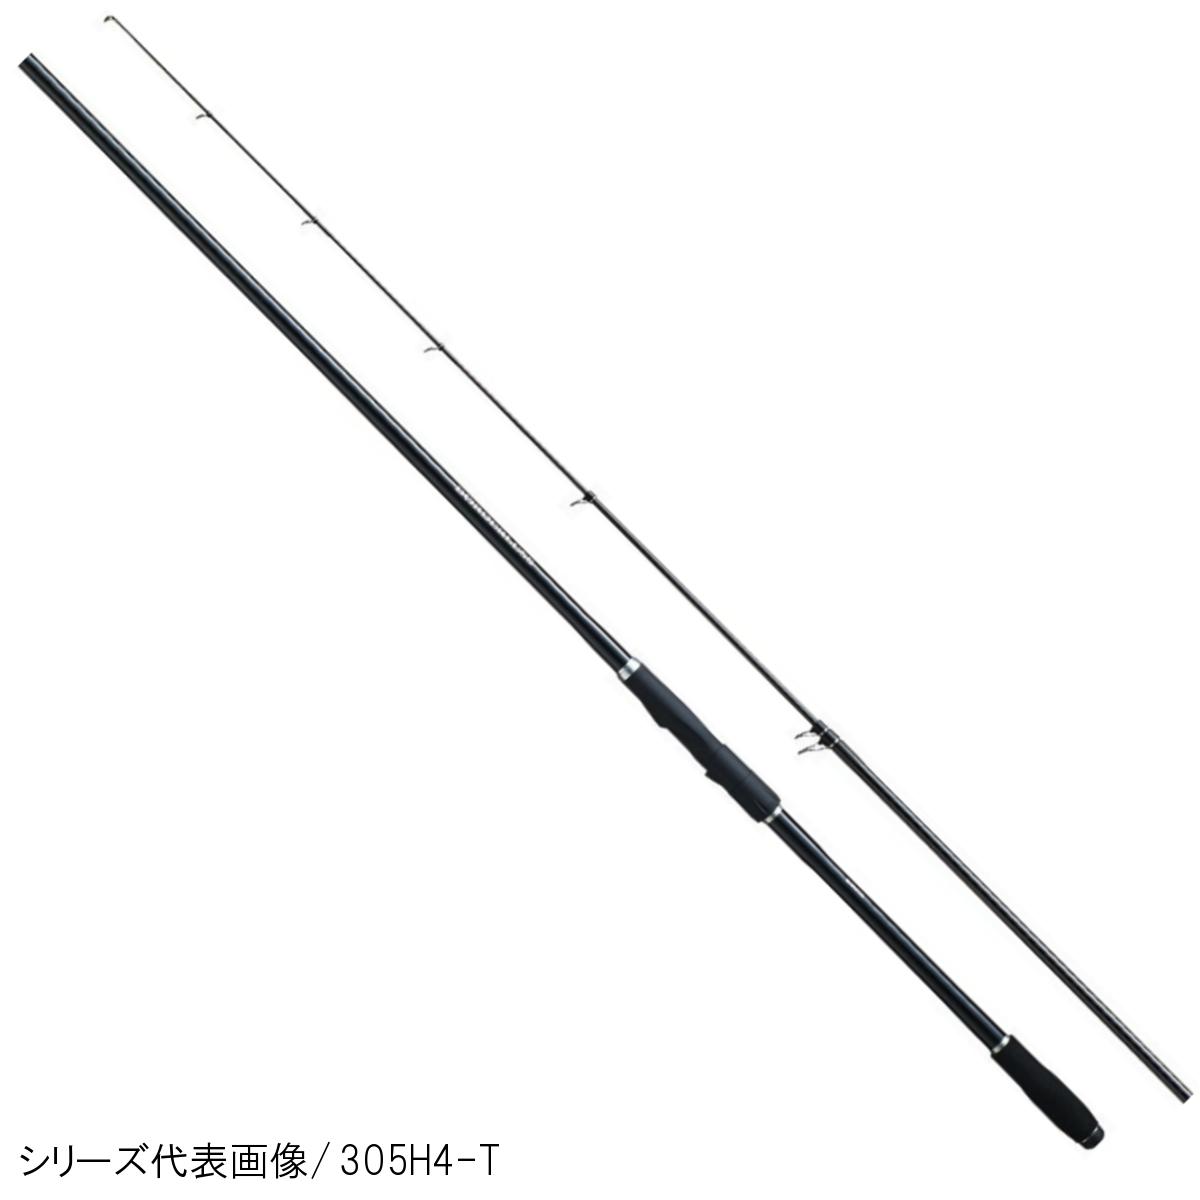 シマノ ボーダレス キャスティング仕様 345H5-T【大型商品】